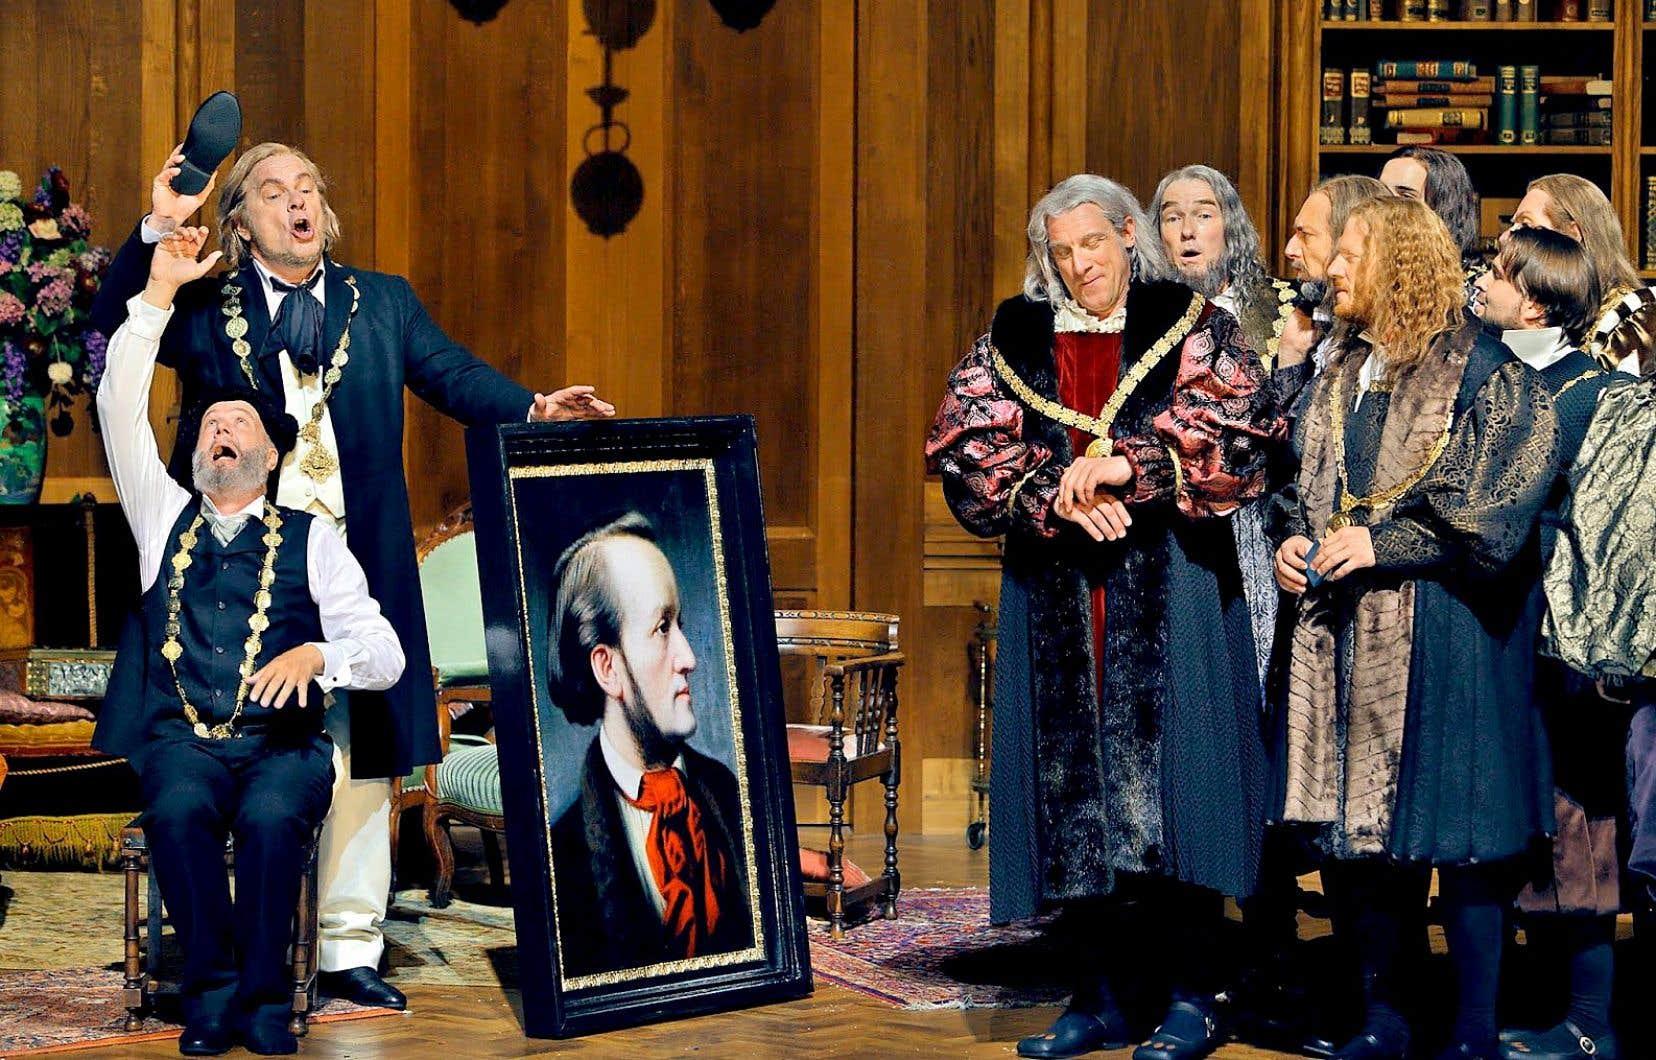 «DG Stage» monte en puissance, avec le début de son Festival de Bayreuth virtuel. Le coup d'envoi est pour samedi avec la très remarquée mise en scène de Barrie Kosky des «Maîtres-chanteurs» (2017), mettant en exergue l'antisémitisme du compositeur.